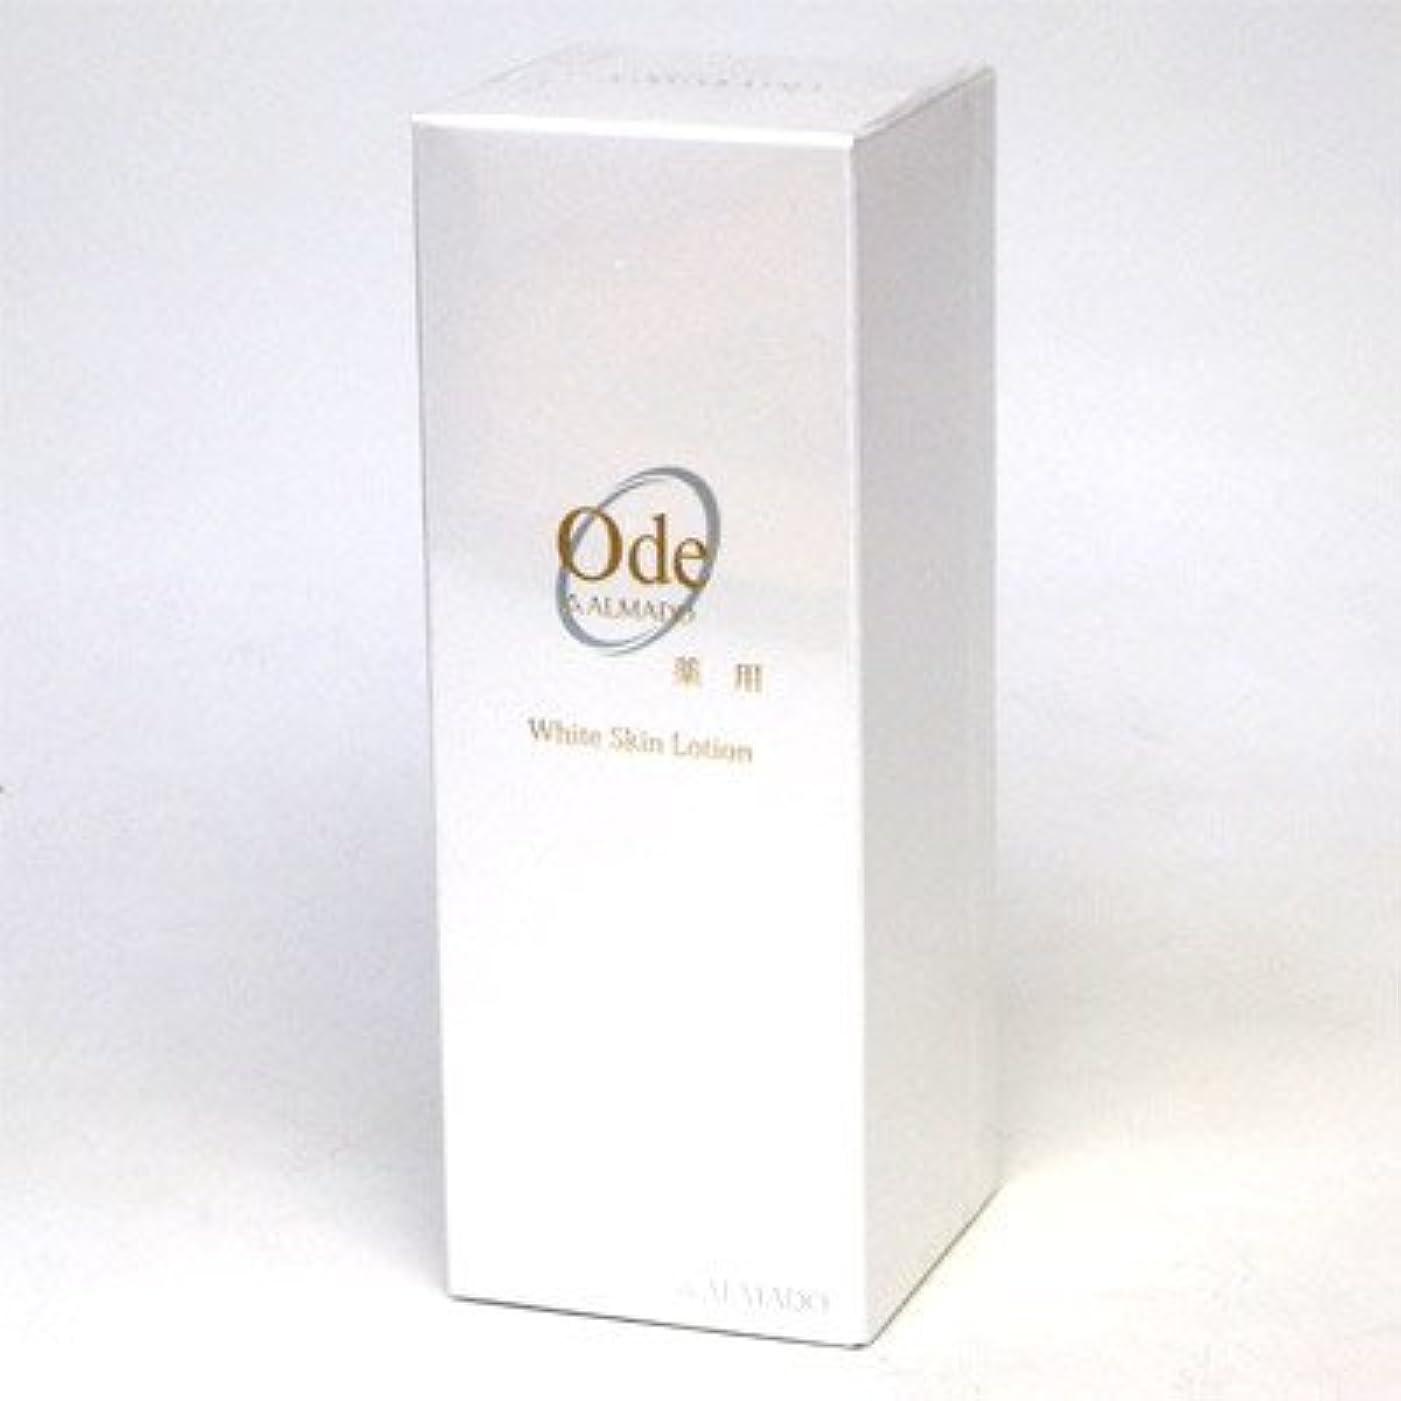 塗抹リースプロットアルマード オーディ 薬用スキンローション 120ml 医薬部外品